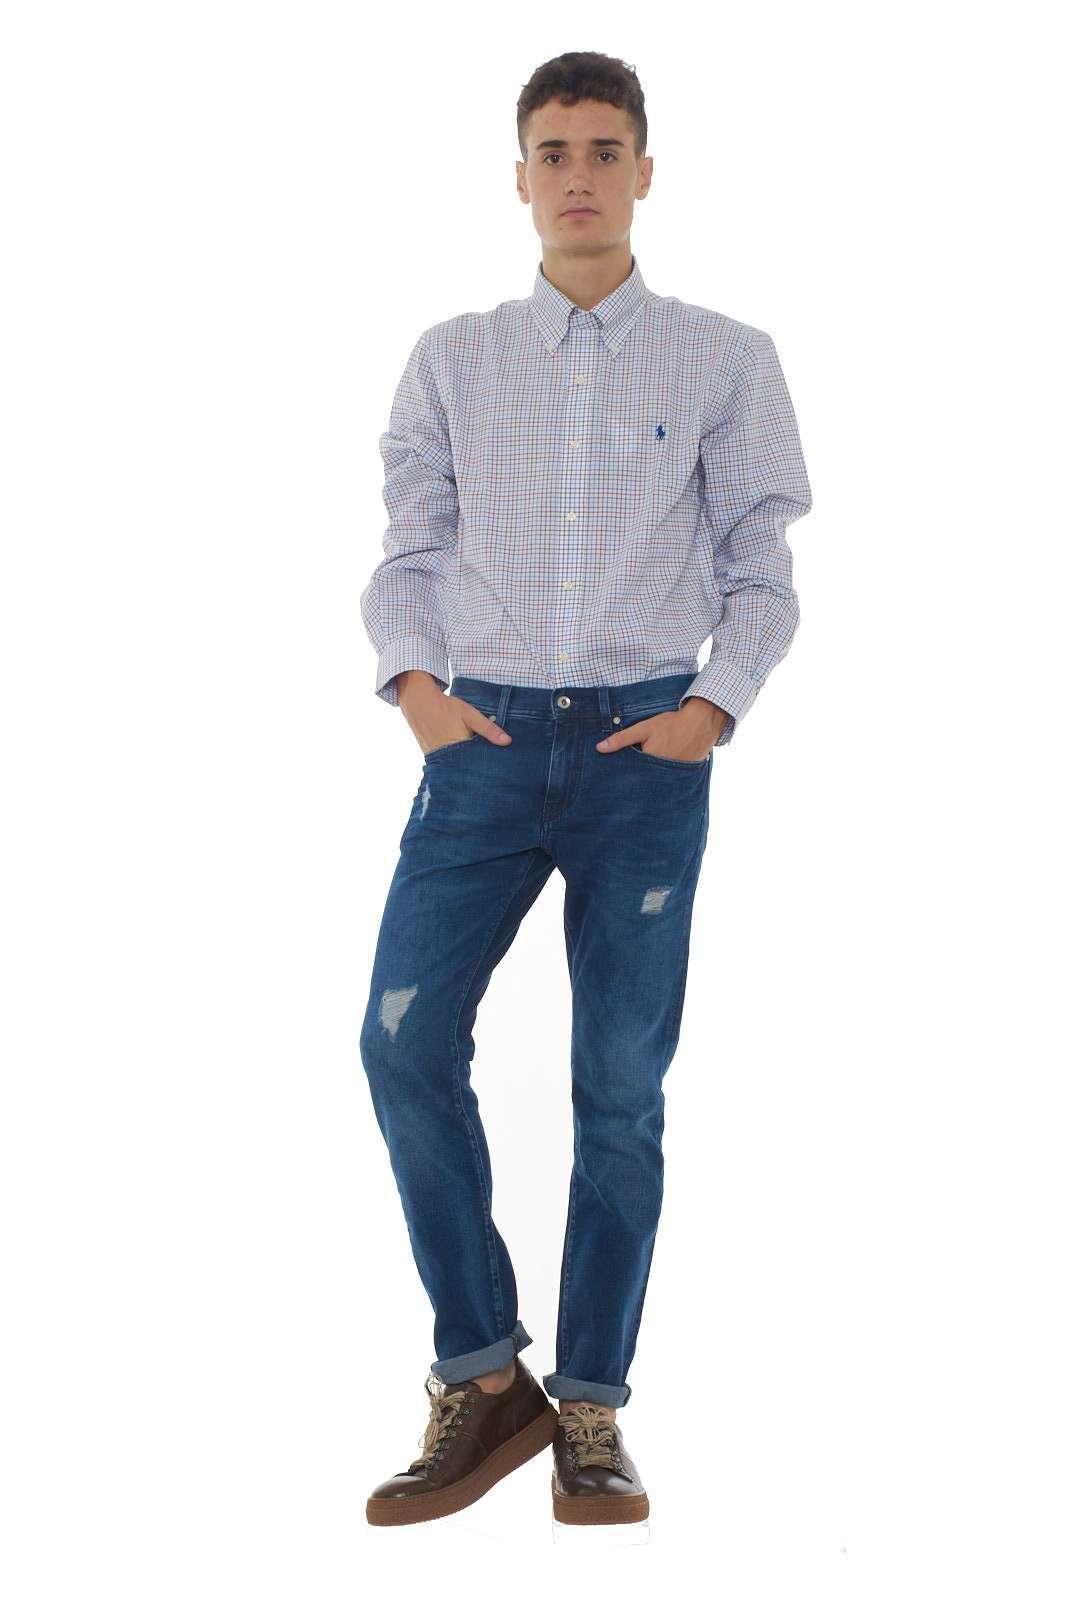 https://www.parmax.com/media/catalog/product/a/i/AI-outlet_parmax-camicia-uomo_Ralph-Lauren-712766318005-D.jpg